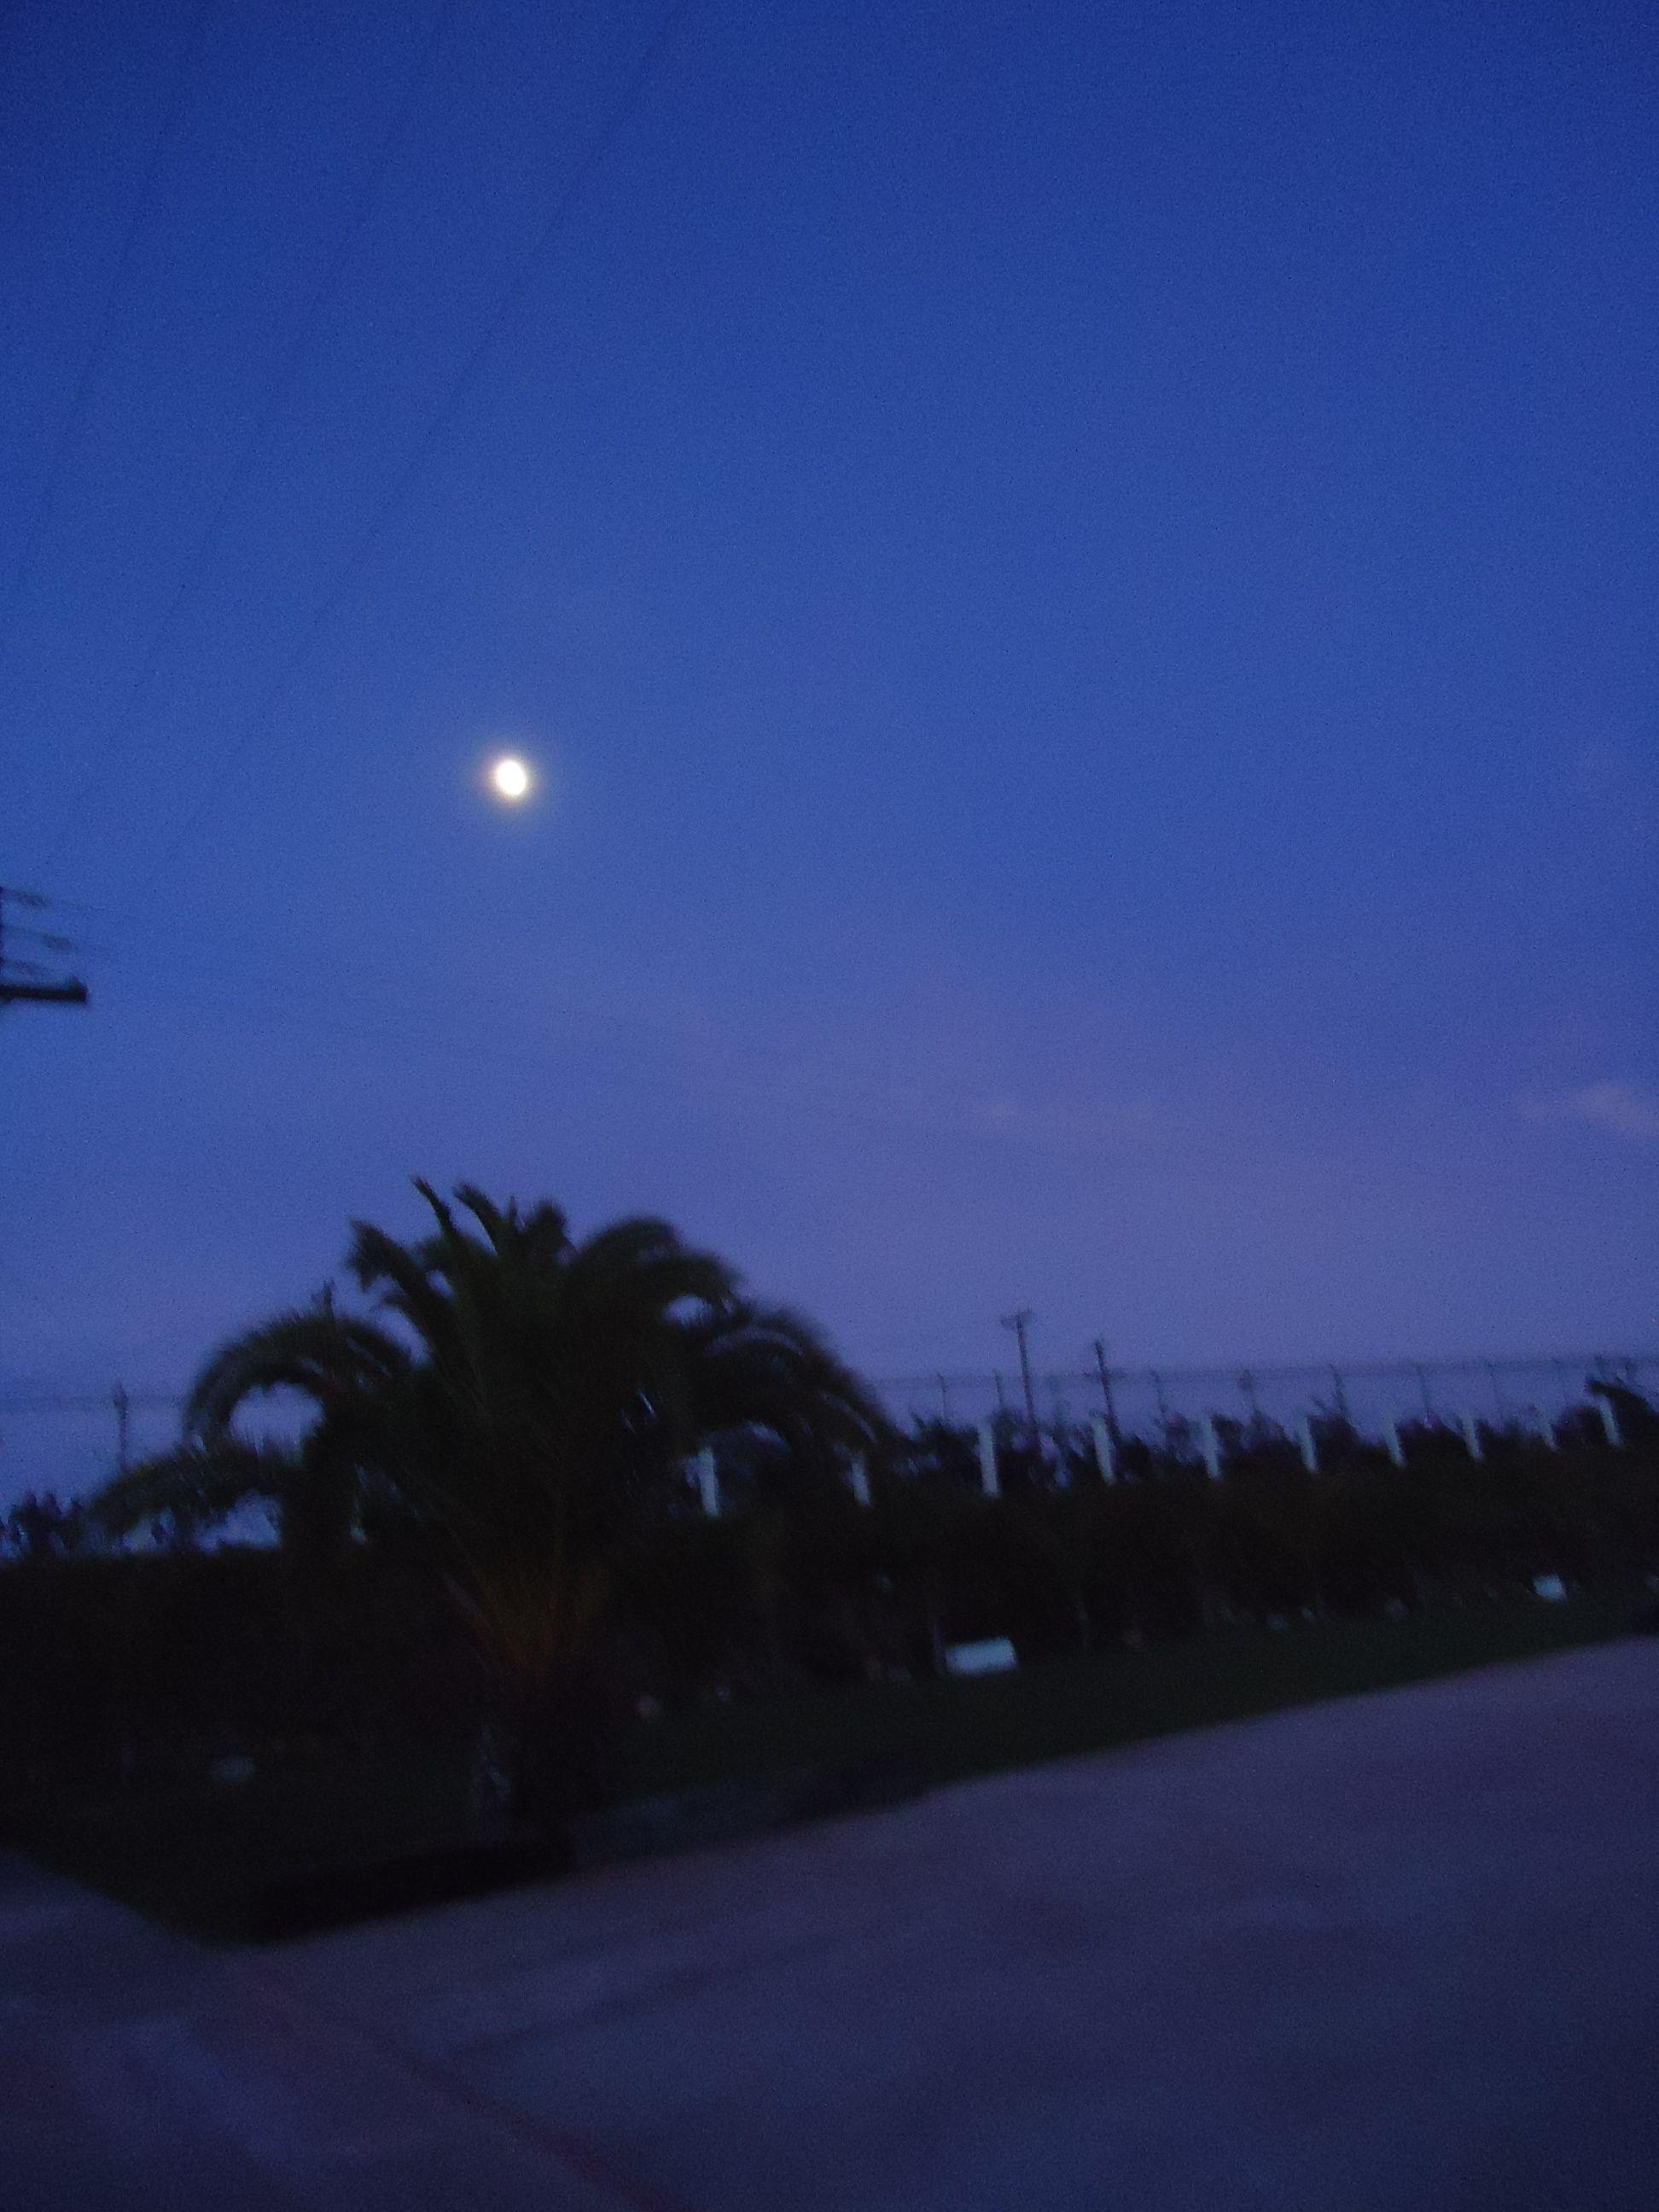 Luna emergiendo! Vista desde Jardín de Fiestas Calypso Gardens!